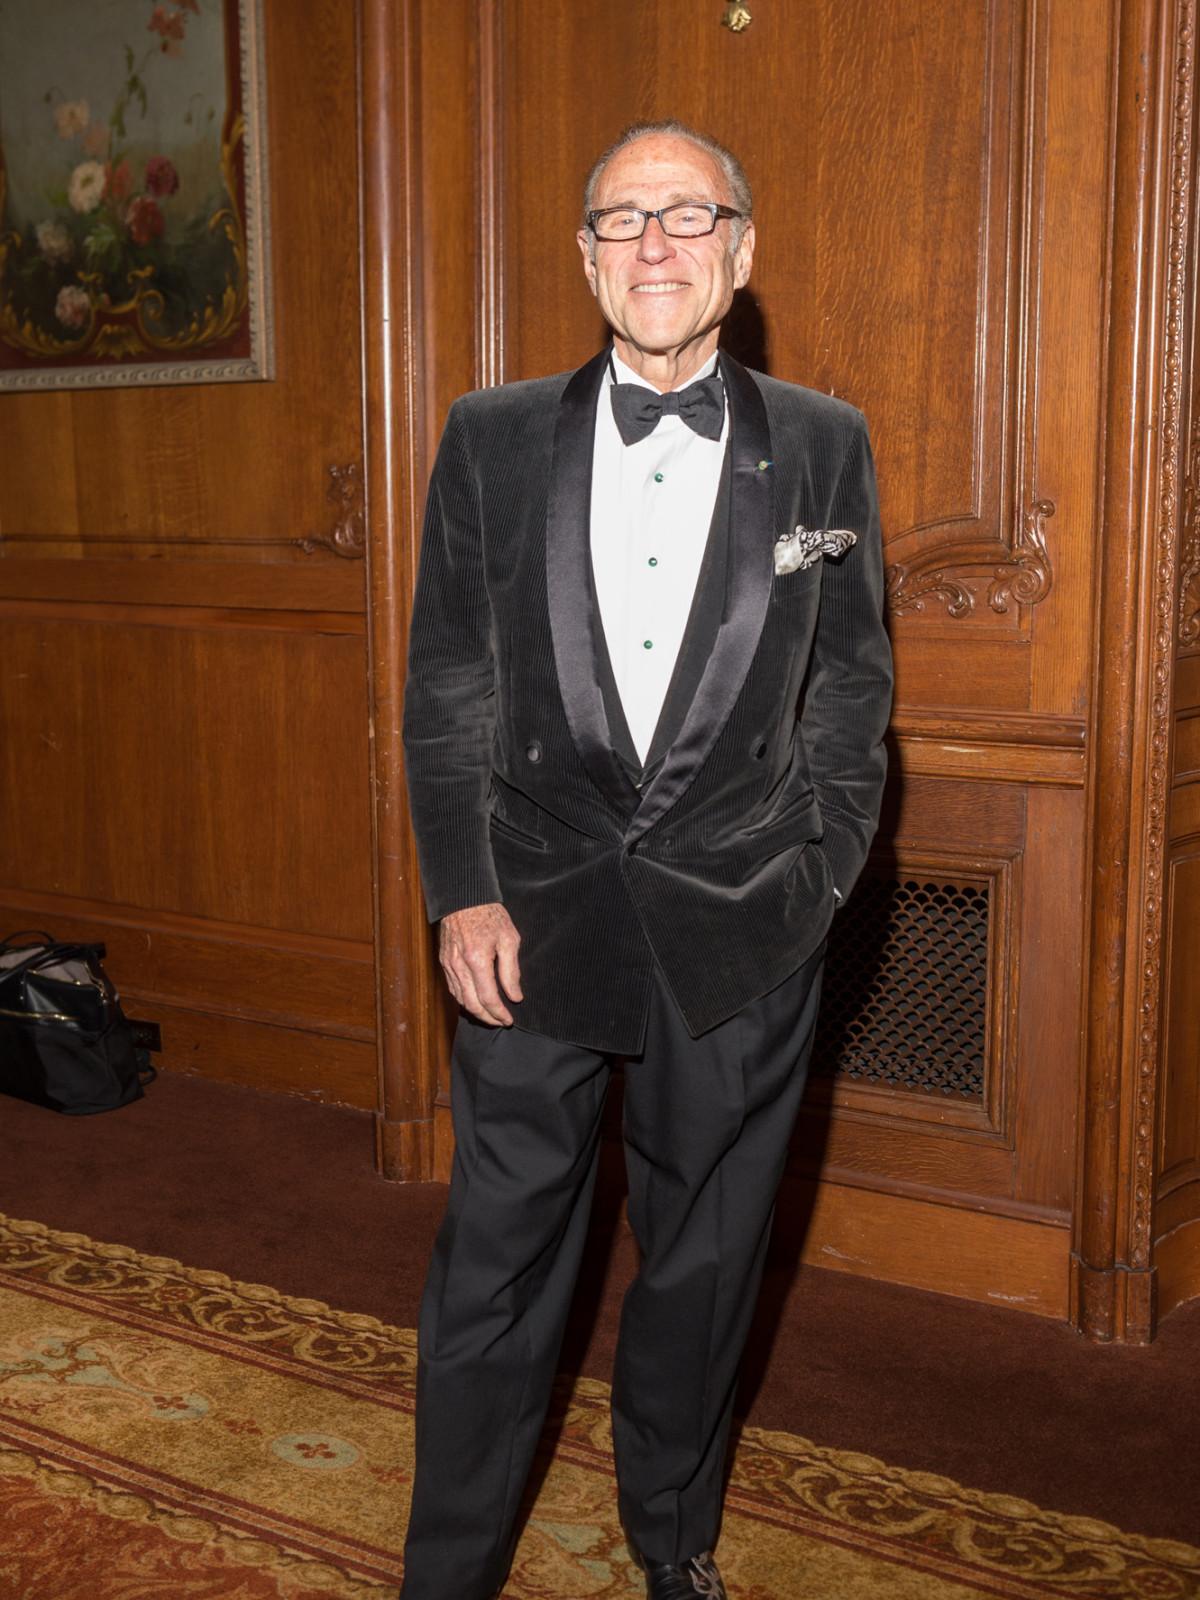 Robert Sakowitz